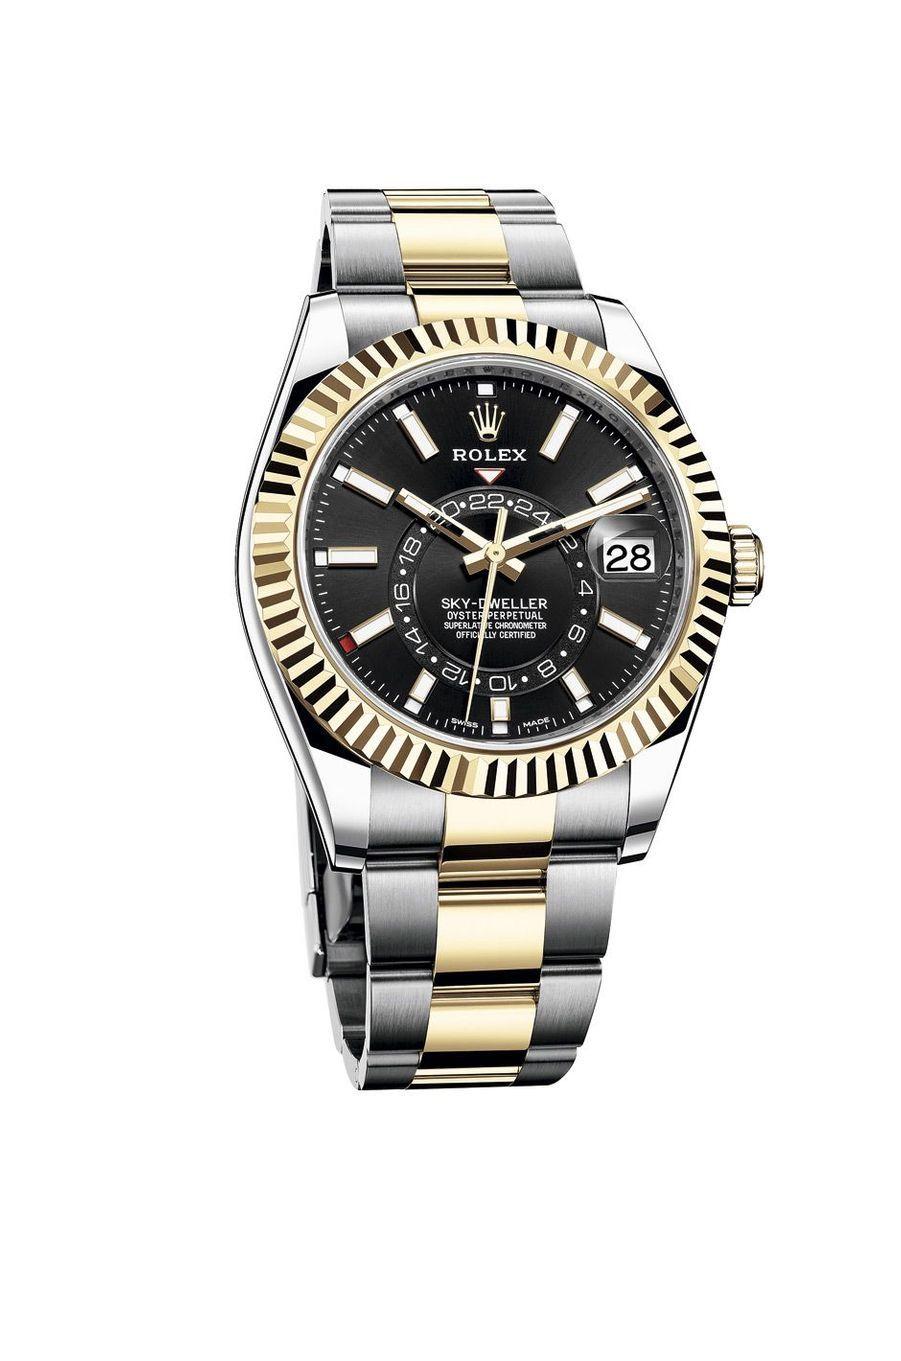 Sky-Dweller, boîte en acier et or jaune, 42 mm de diamètre, mouvement automatique, bracelet en acier et or jaune. 15 650 €. Rolex.